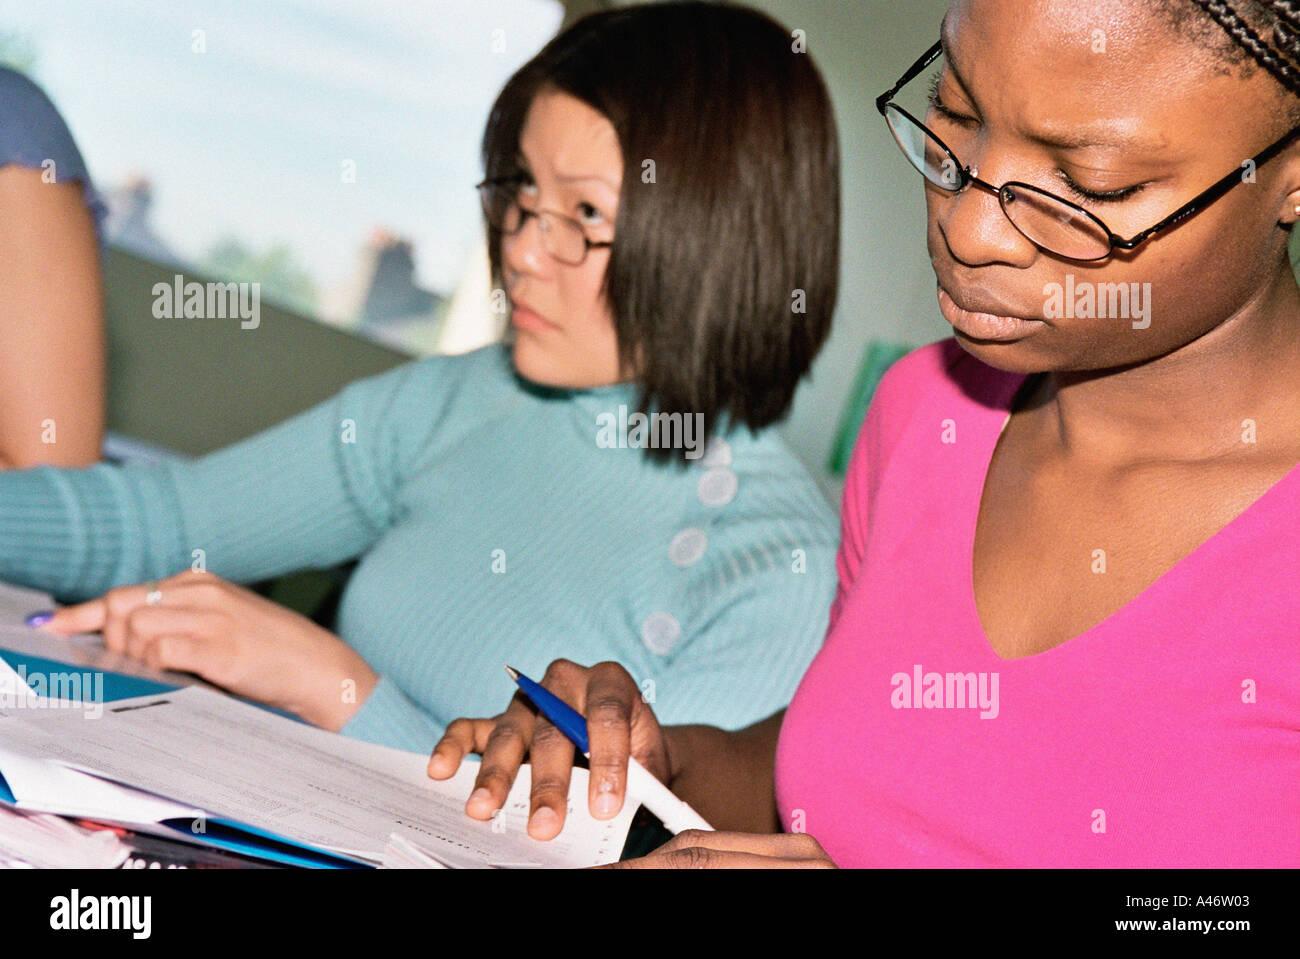 Estudiante de educación superior Imagen De Stock